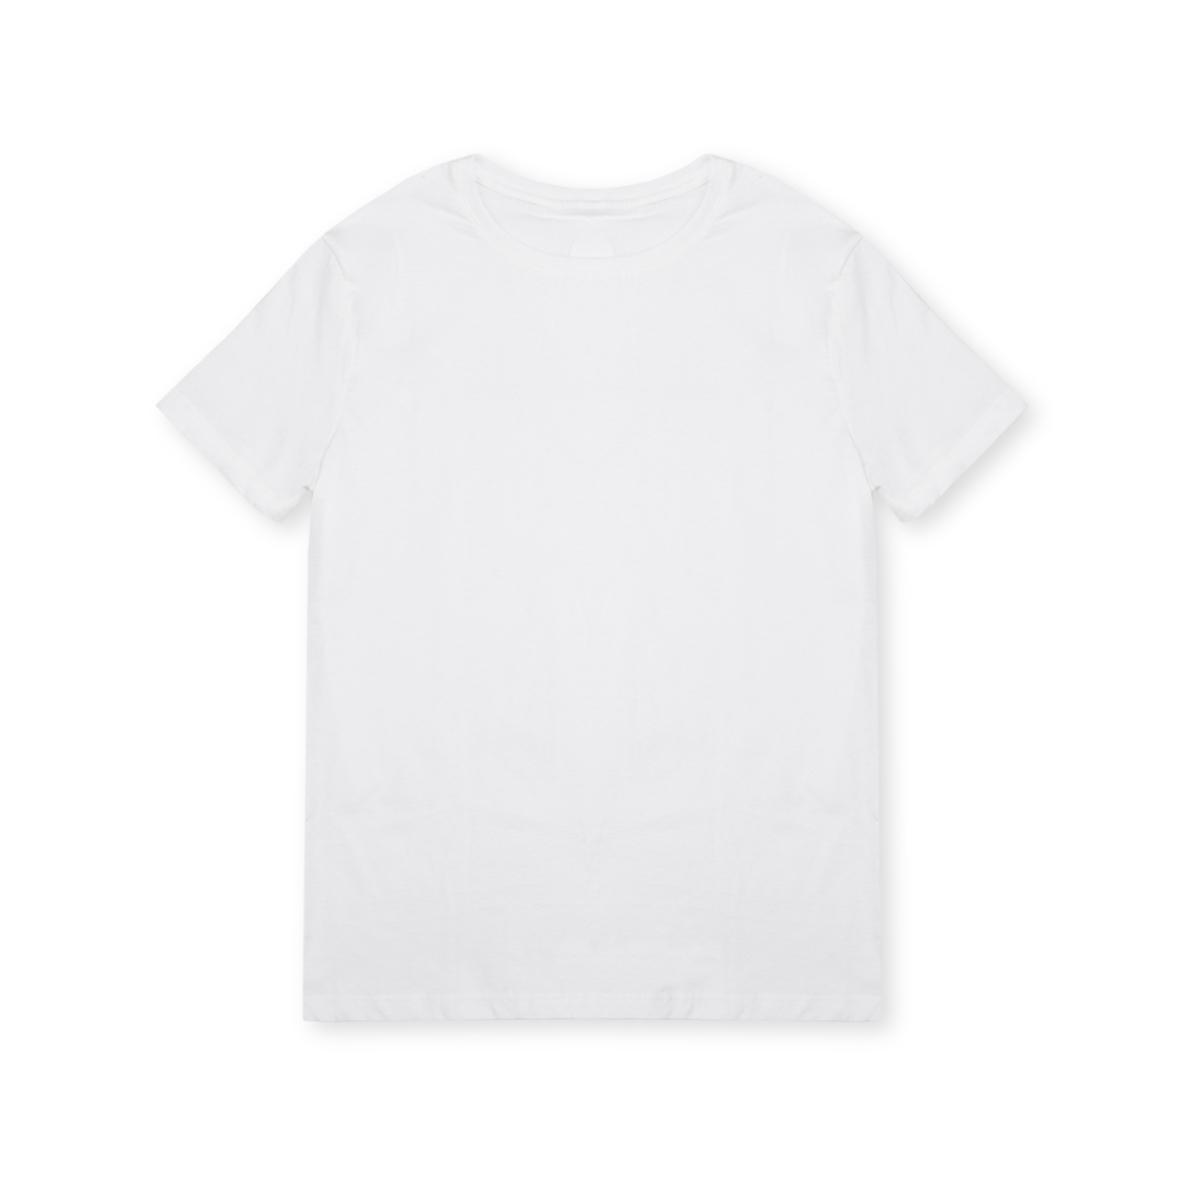 Camiseta Classic Fio40 - Branco